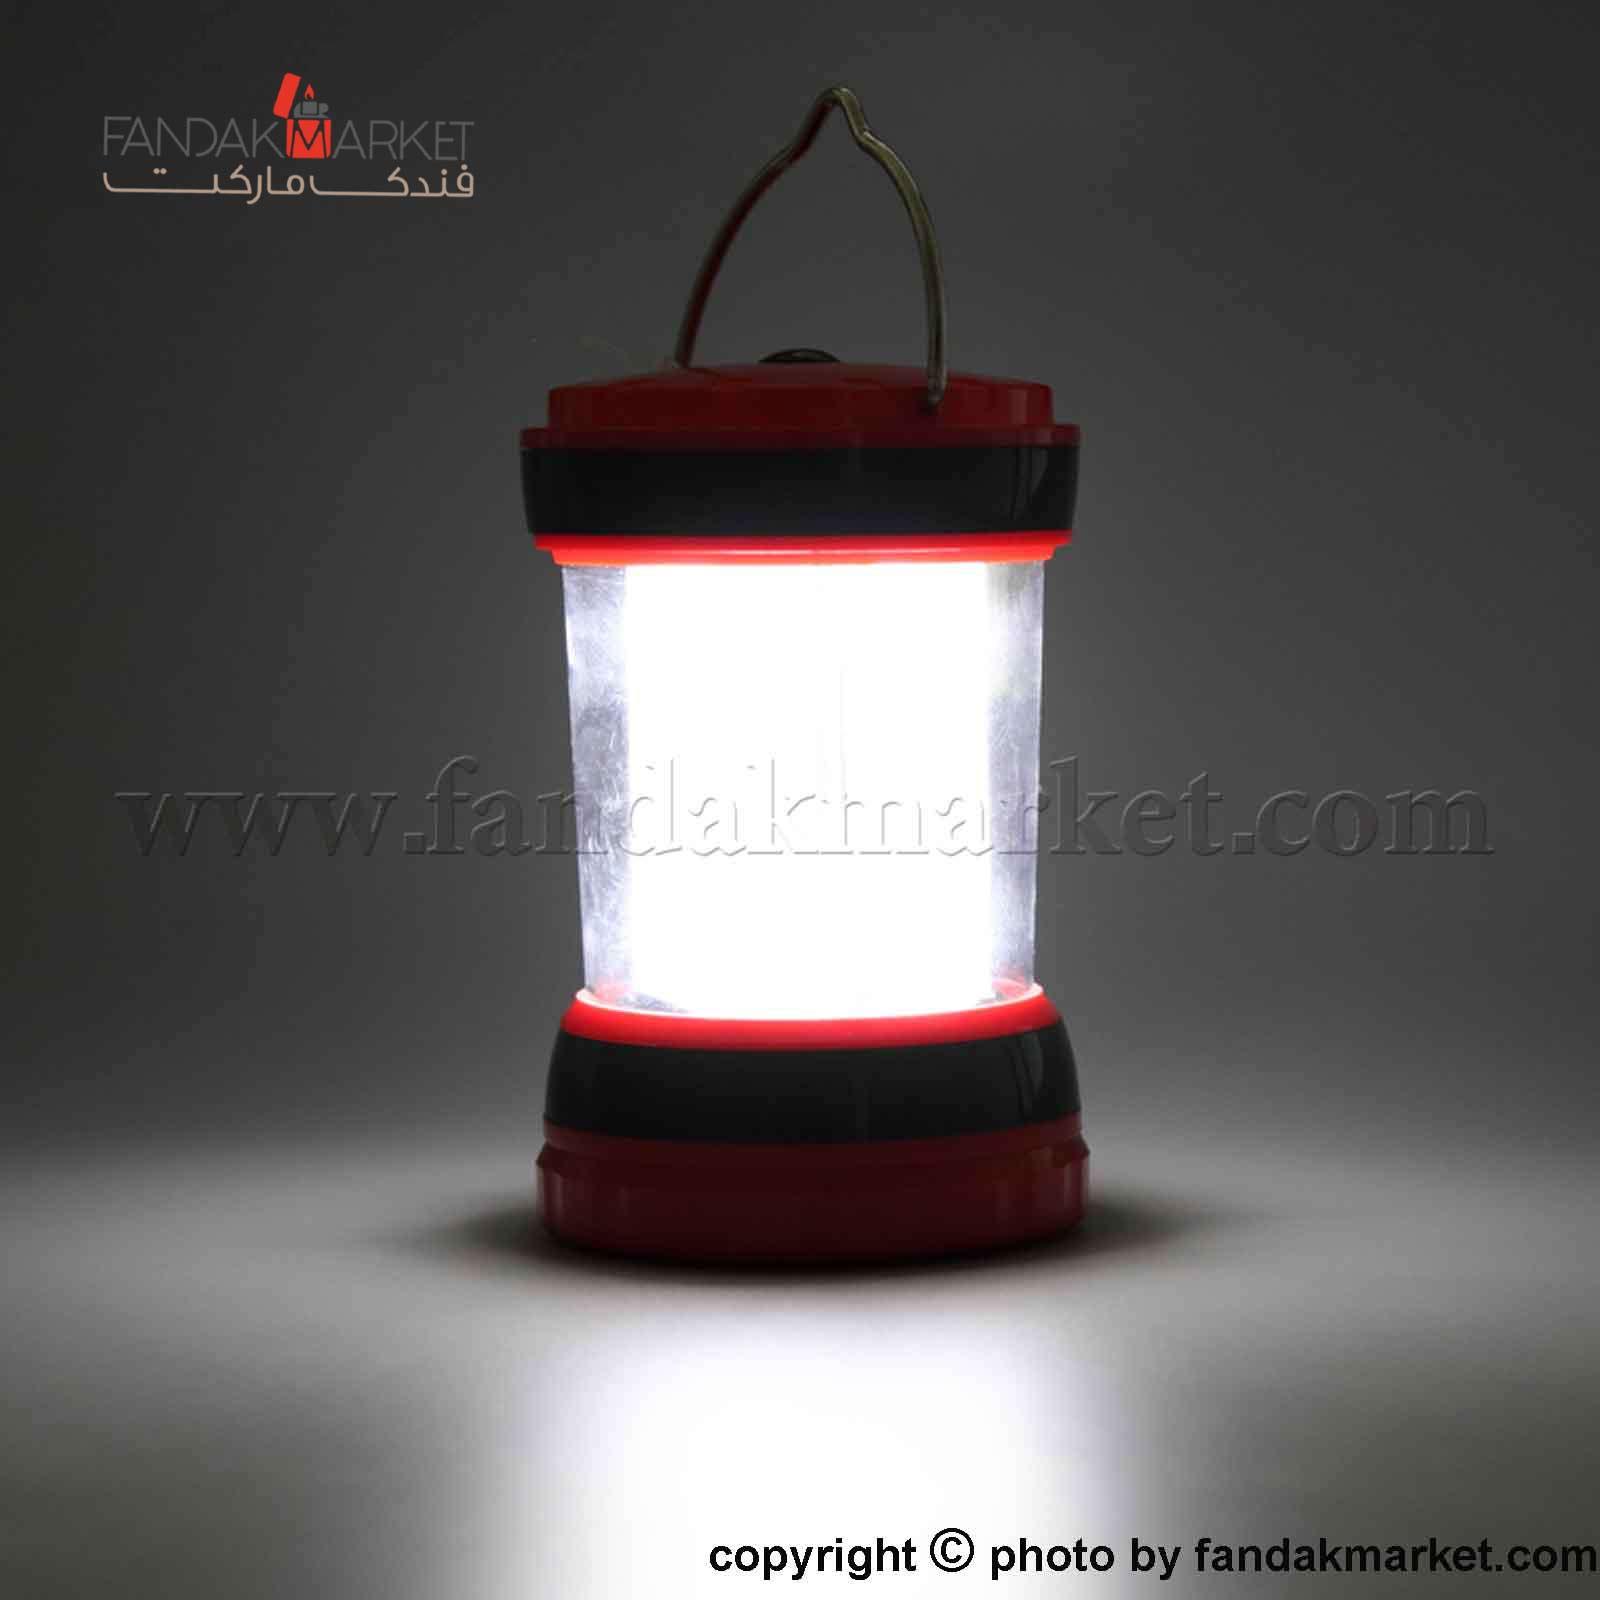 چراغ قوه فانوس - فروشگاه اینترنتی فندک مارکت